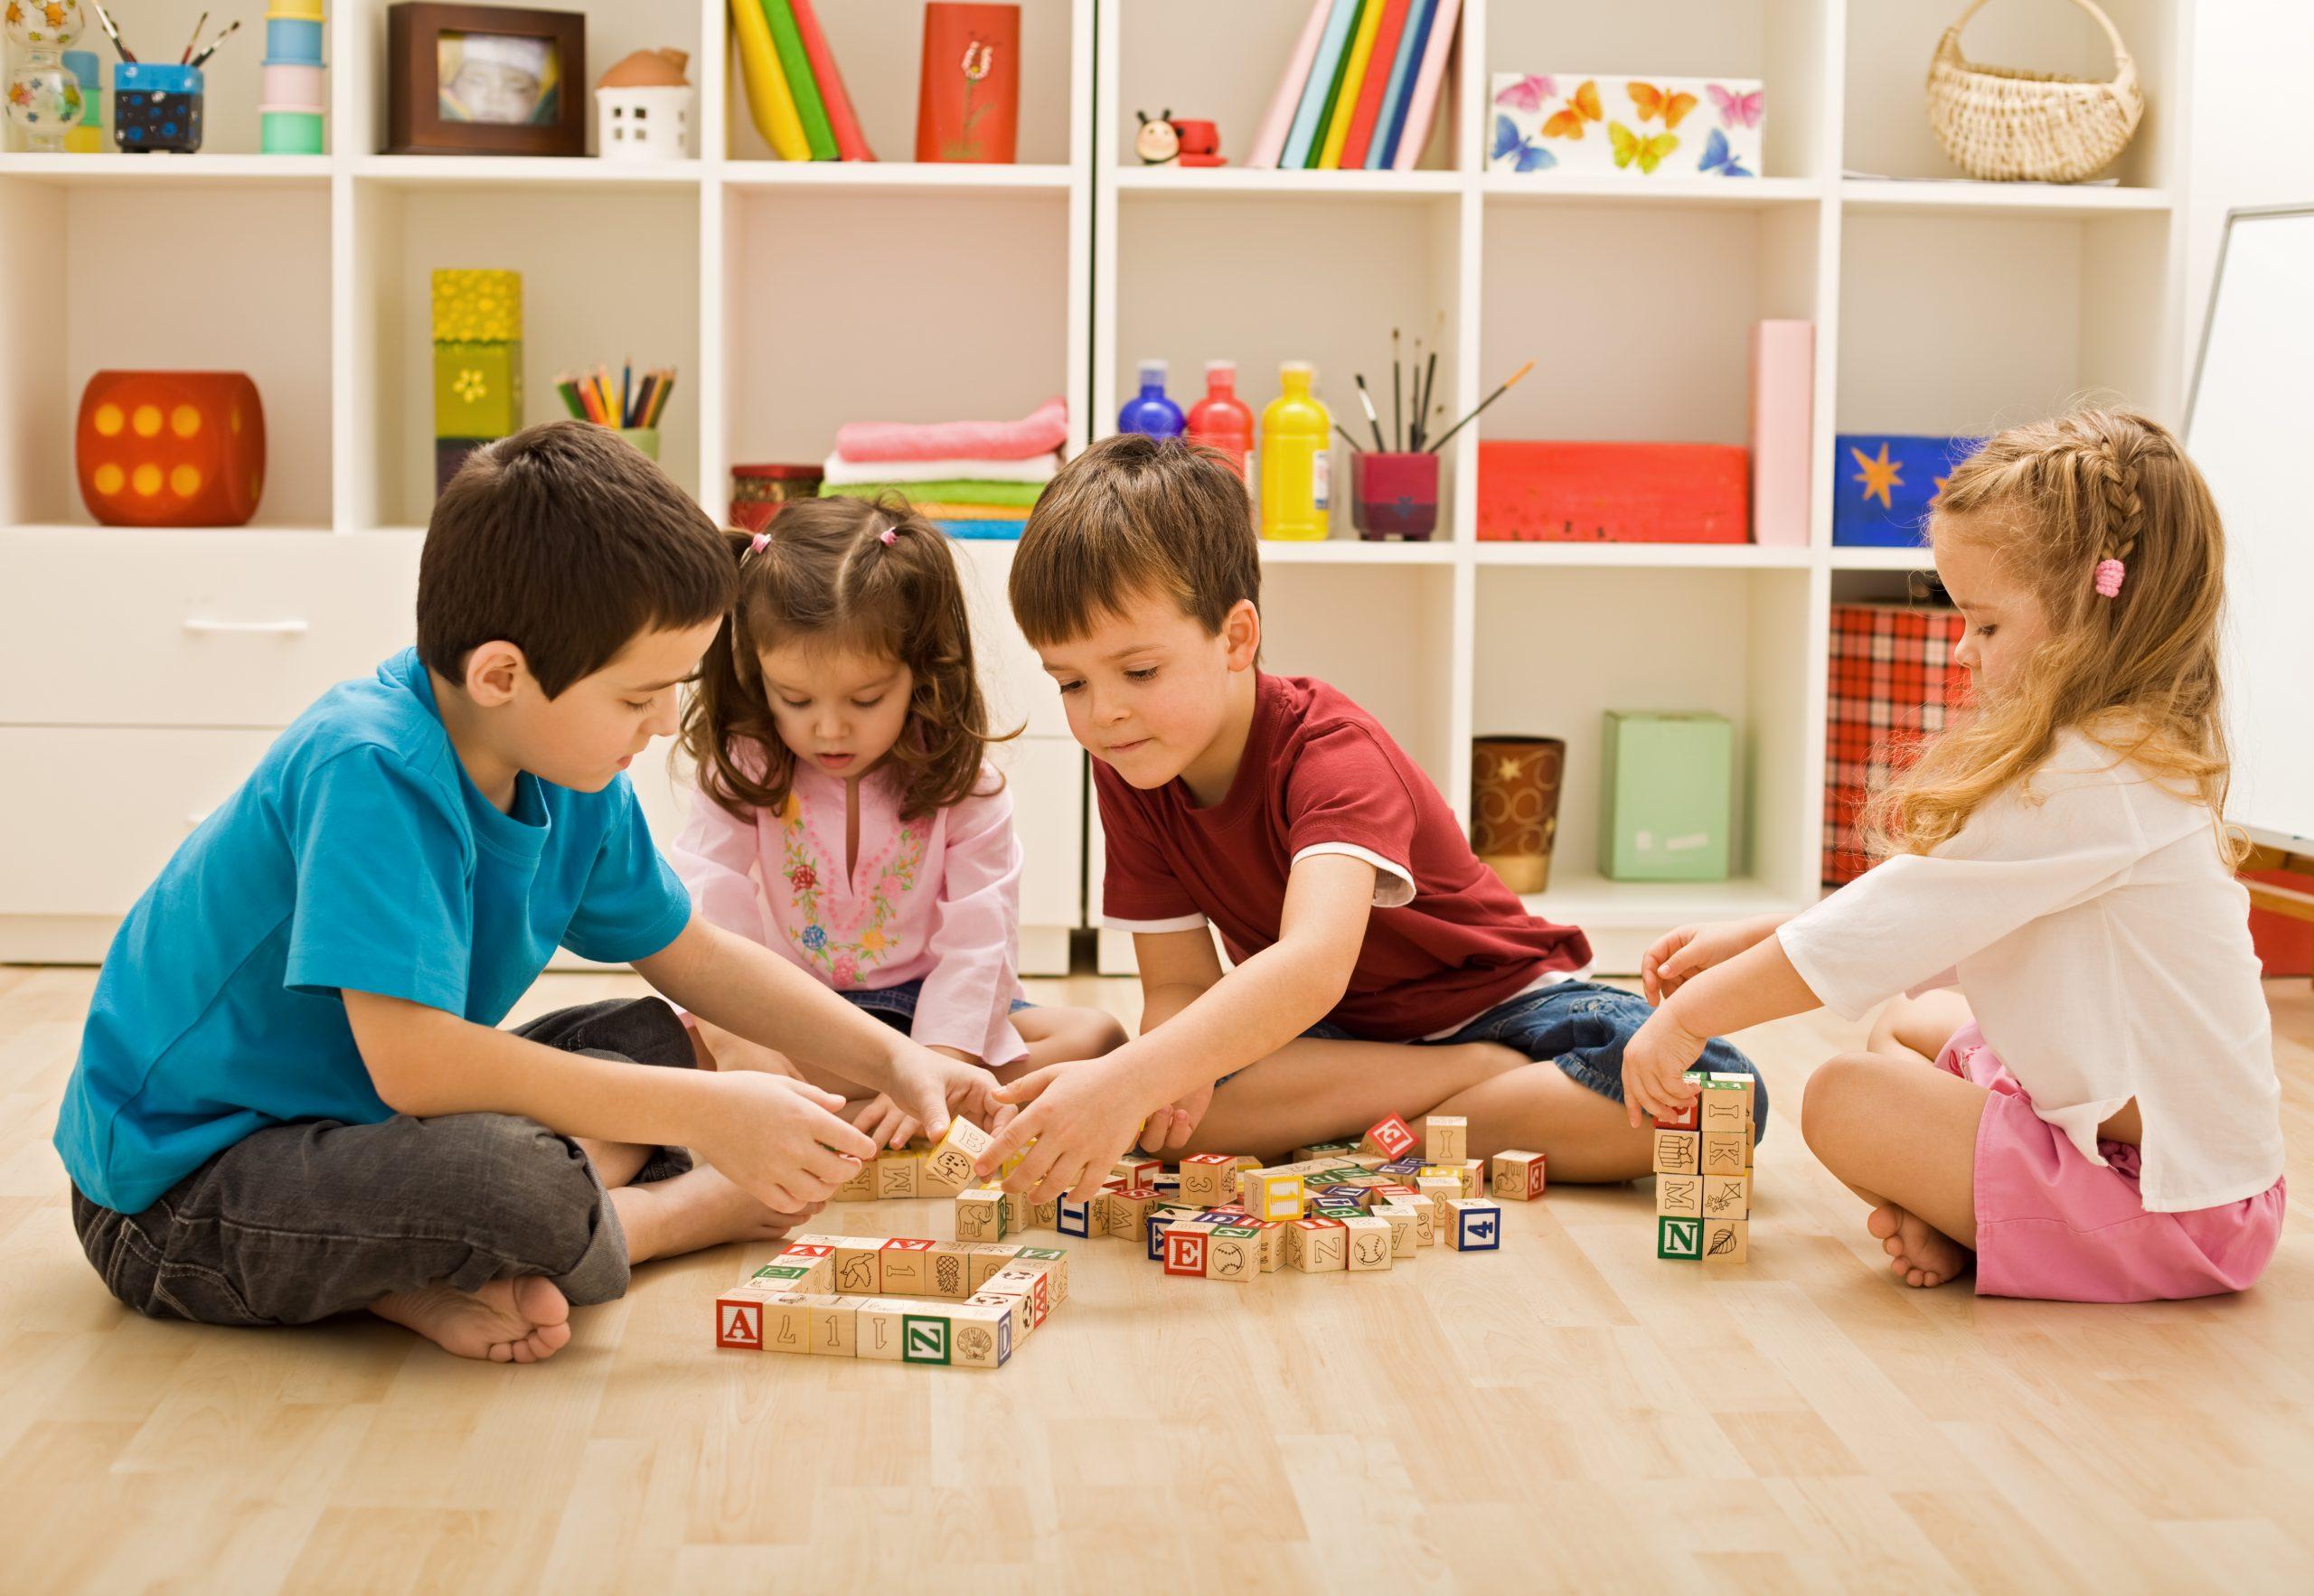 9 лучших развивающих игр для детей 2021 года